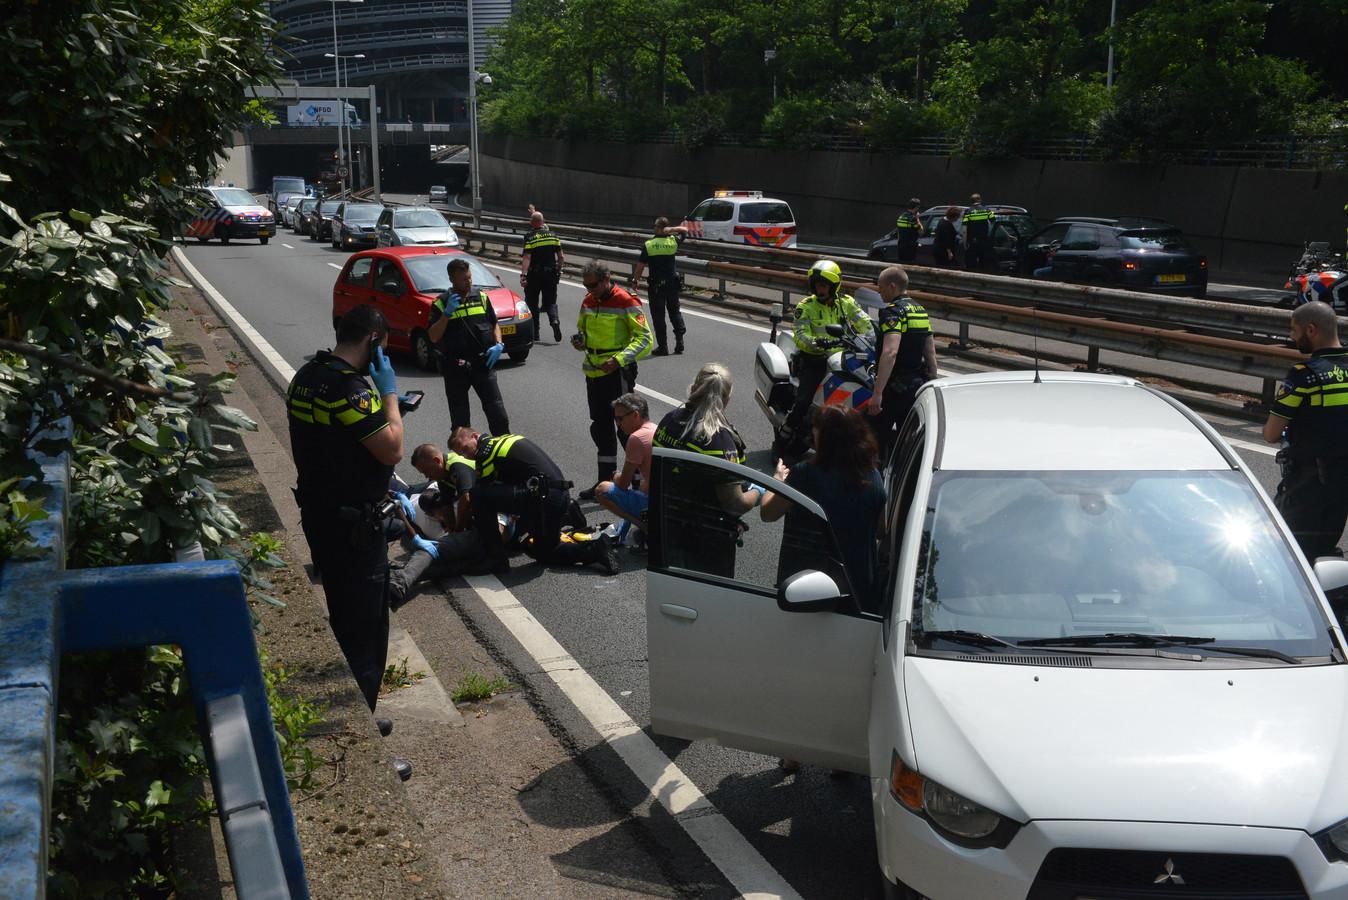 Politie op de A12 voor het ernstige ongeluk. Aan de andere kant staan ook agenten, het lijkt erop dat daar twee auto's op elkaar zijn gebotst.